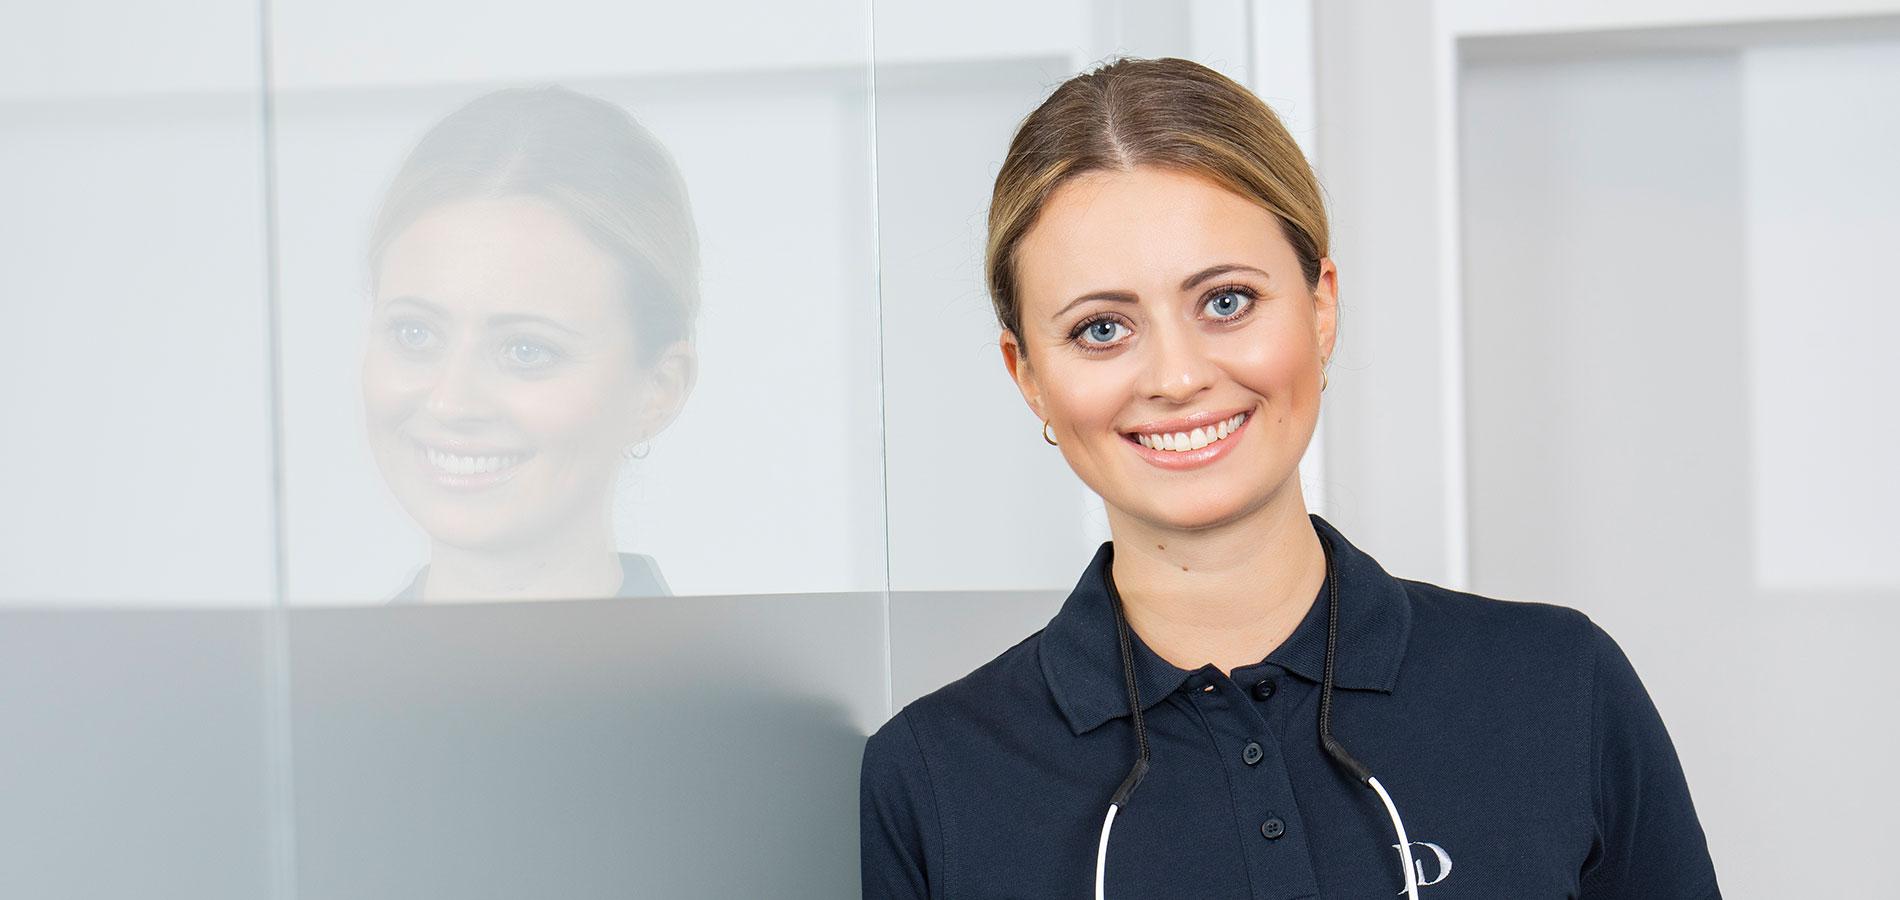 Frau-Roepke- Dorothee-Jarleton-Zahnarzt-Praxis-Koeln